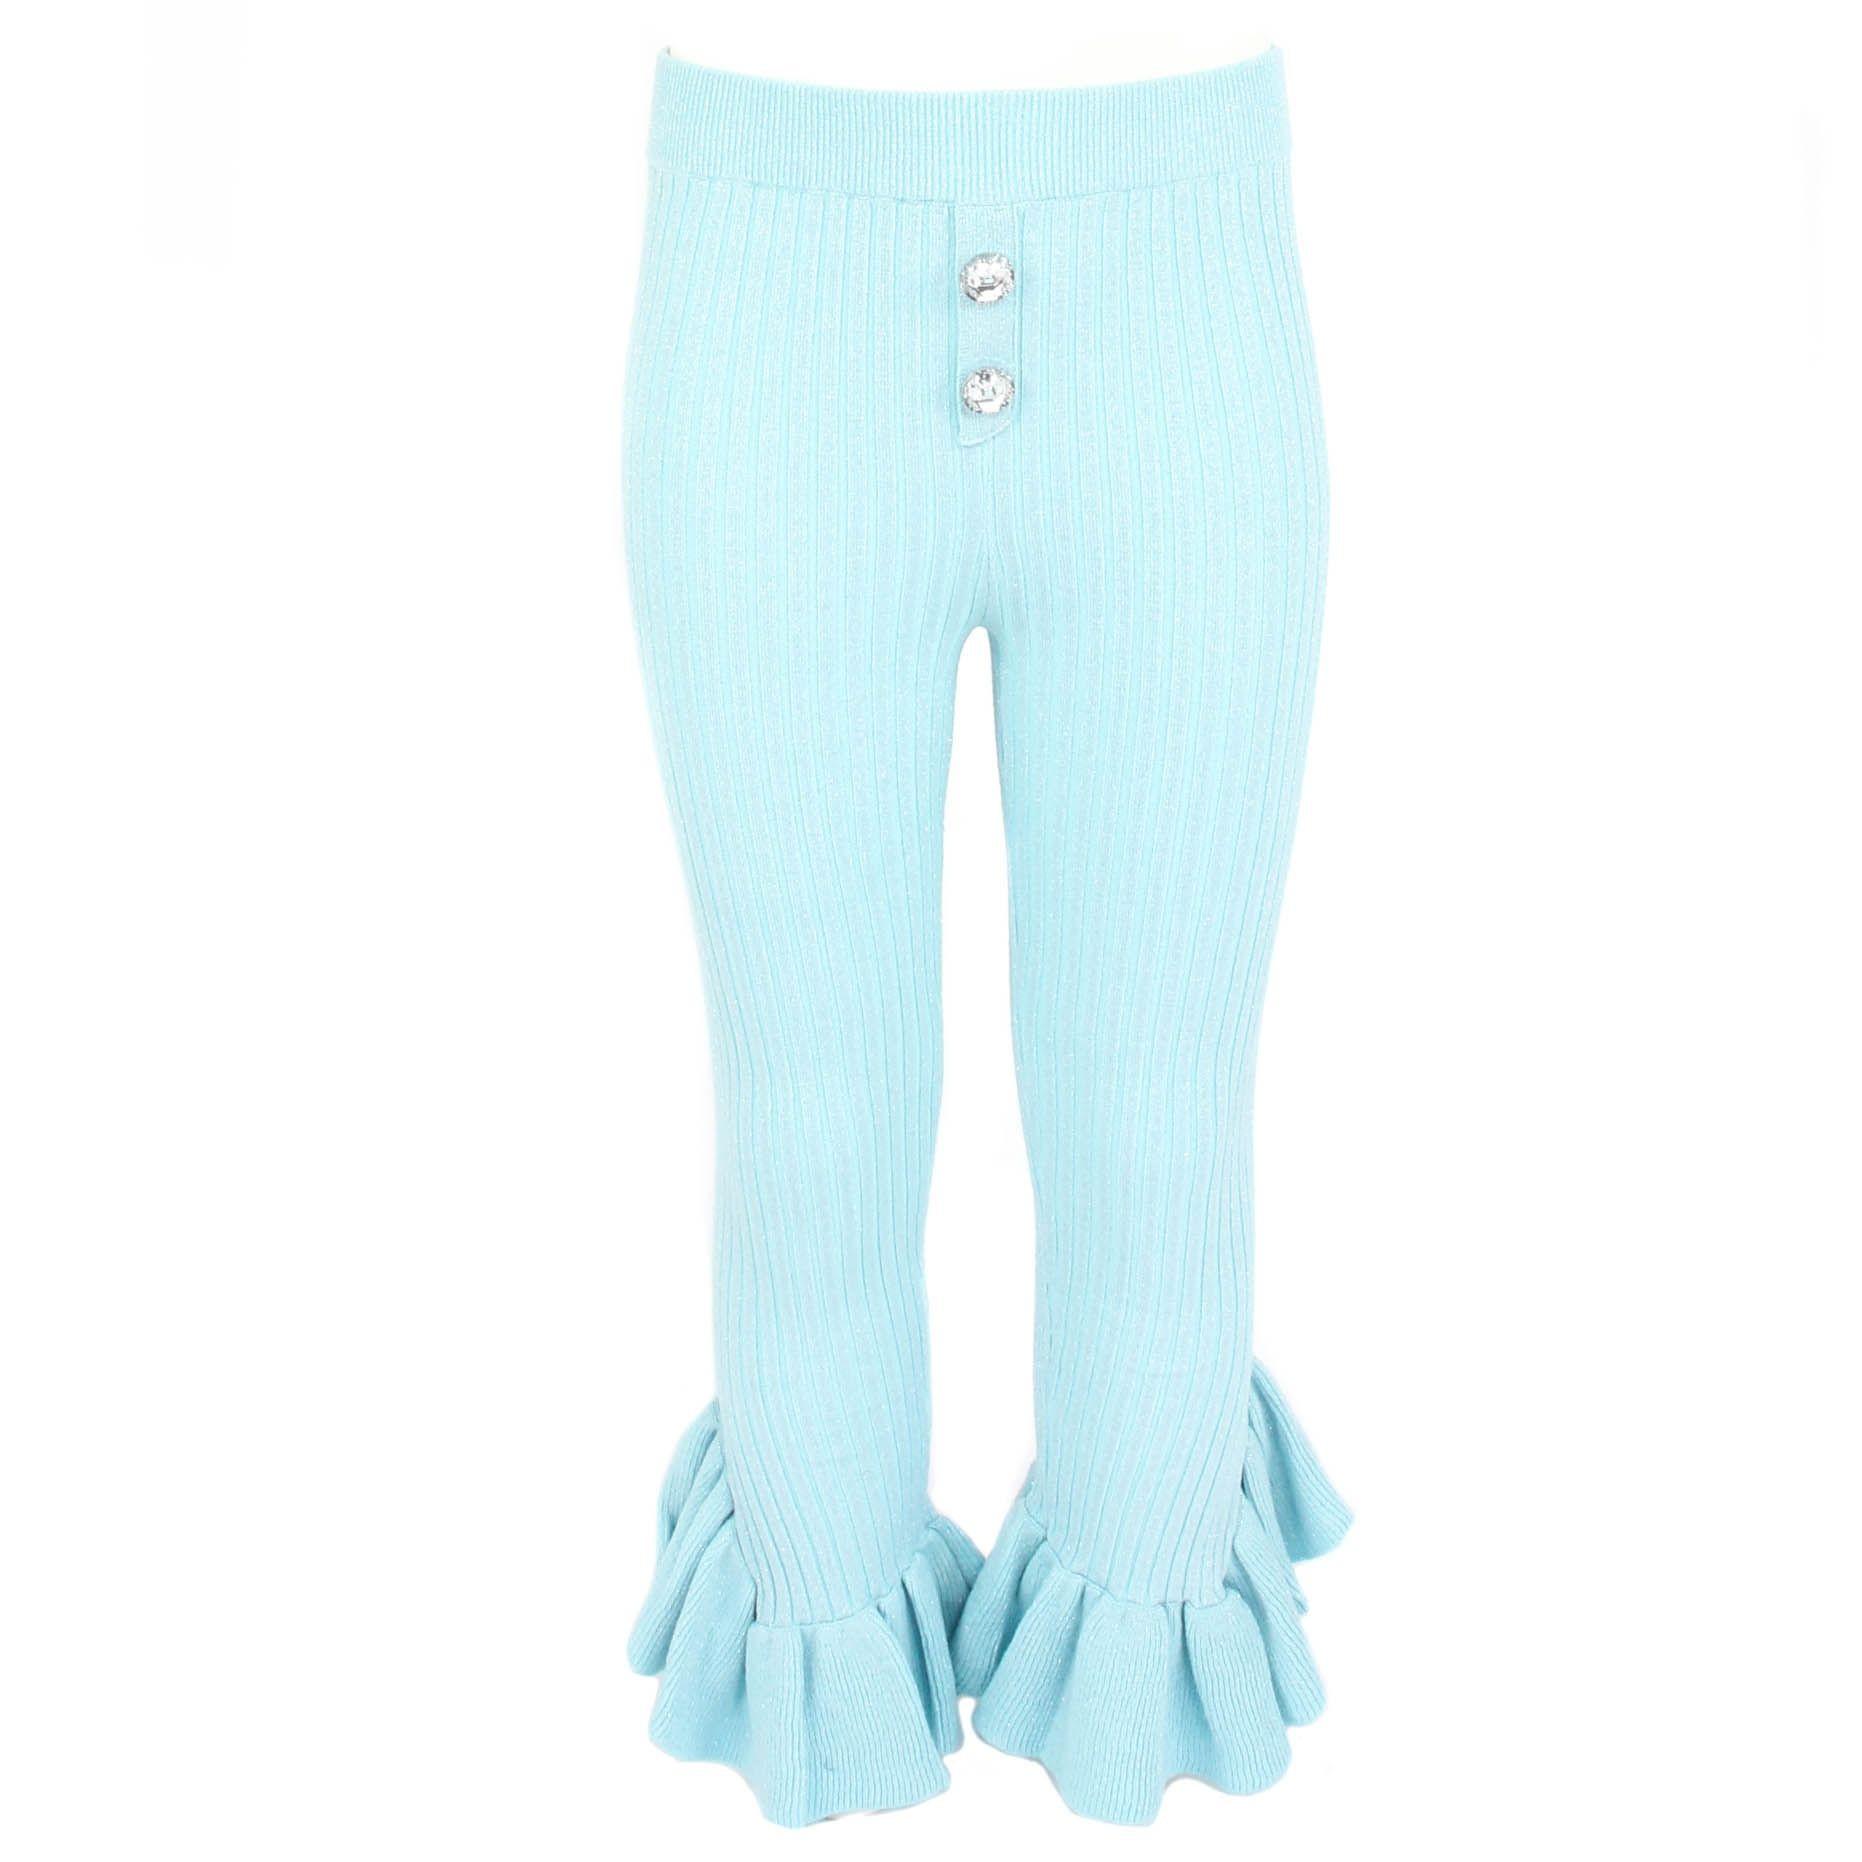 Afbeelding van Reinders Diamond pants lurex blauw